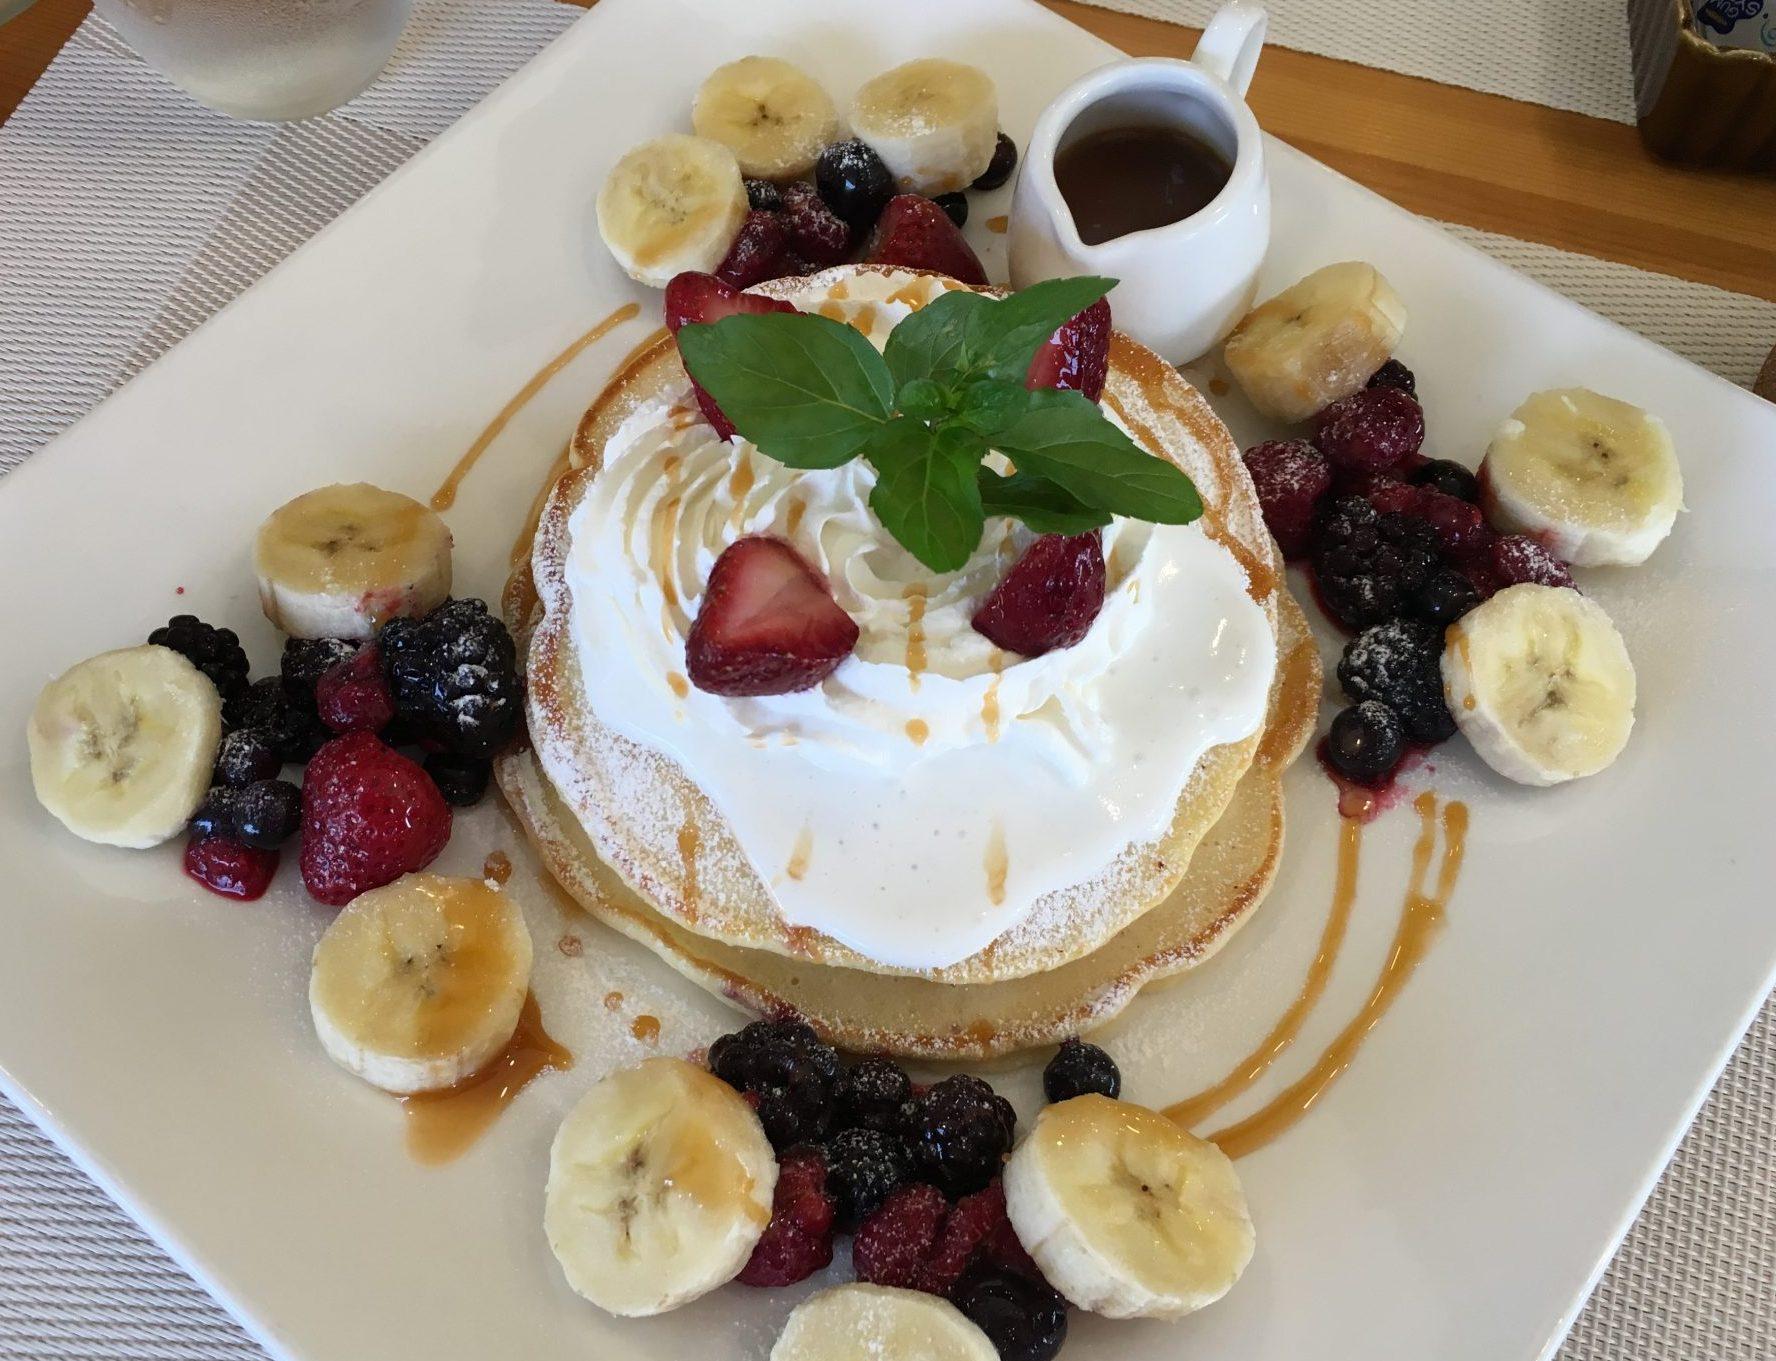 《美馬市/ボクール》甘いものが食べたい!!欲望に忠実に、県西でおすすめのパンケーキを食べてきました。